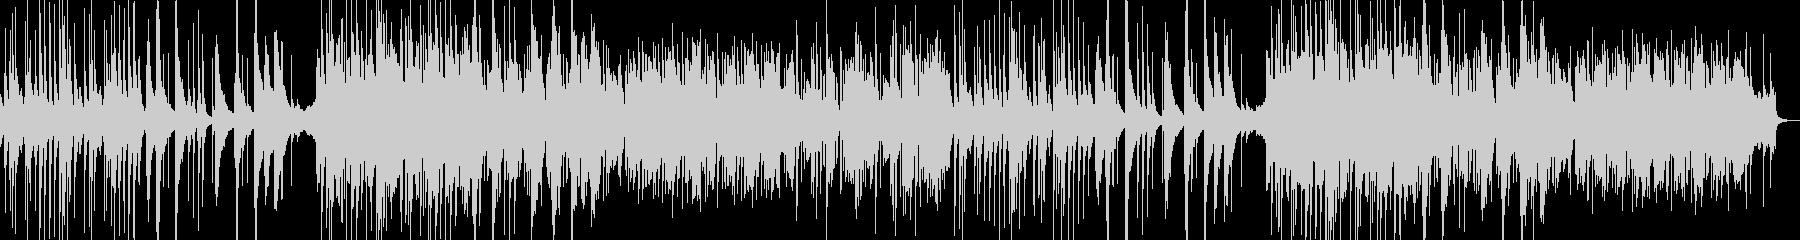 琴と和楽器 静かな和風BGMの未再生の波形